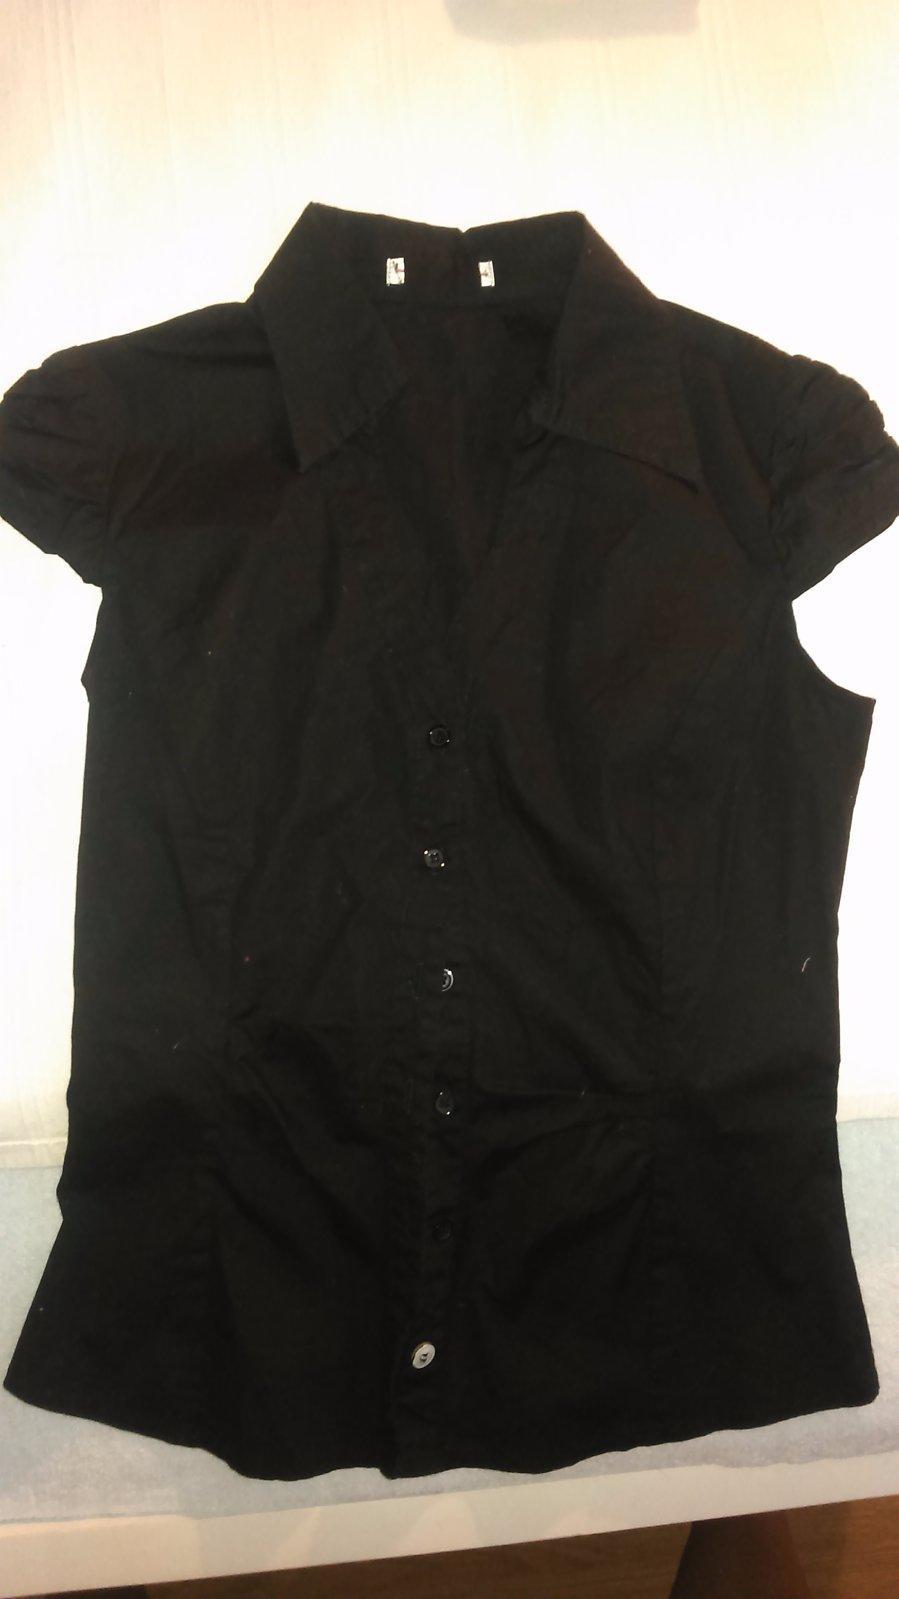 fe84c0ab007b Predám čiernu košeľu- krátky rukáv